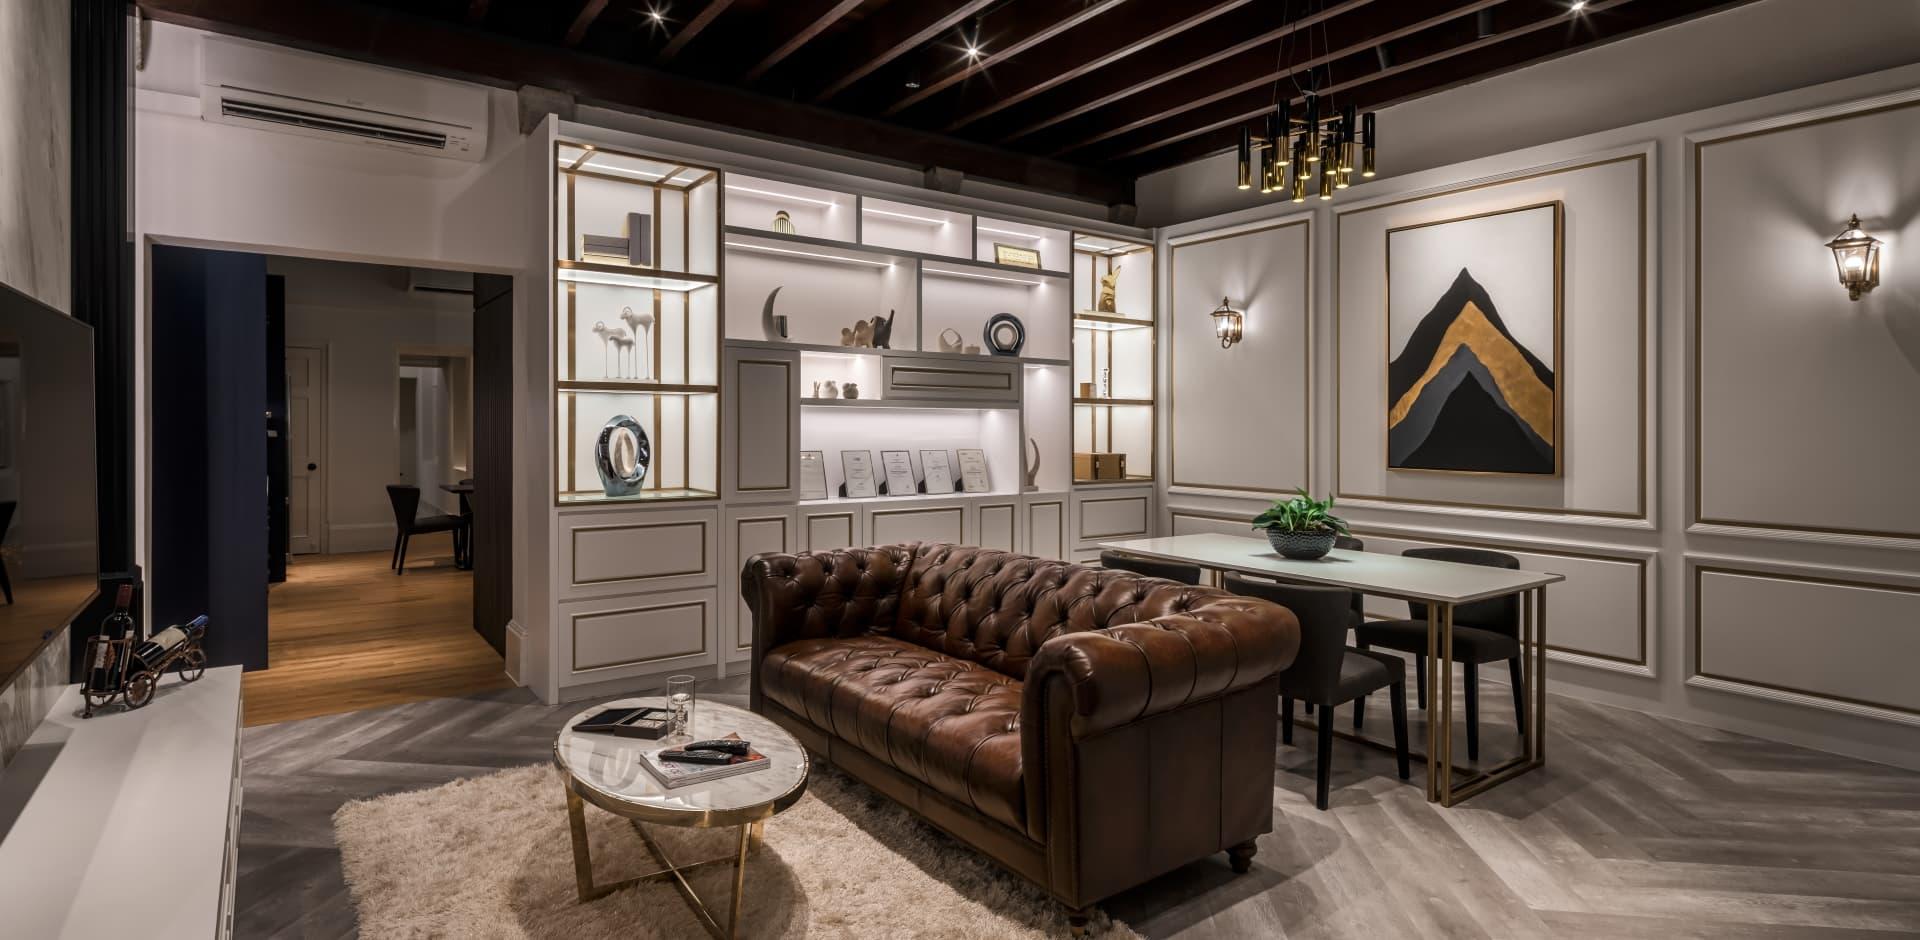 House Interior Design by Zenith Arc